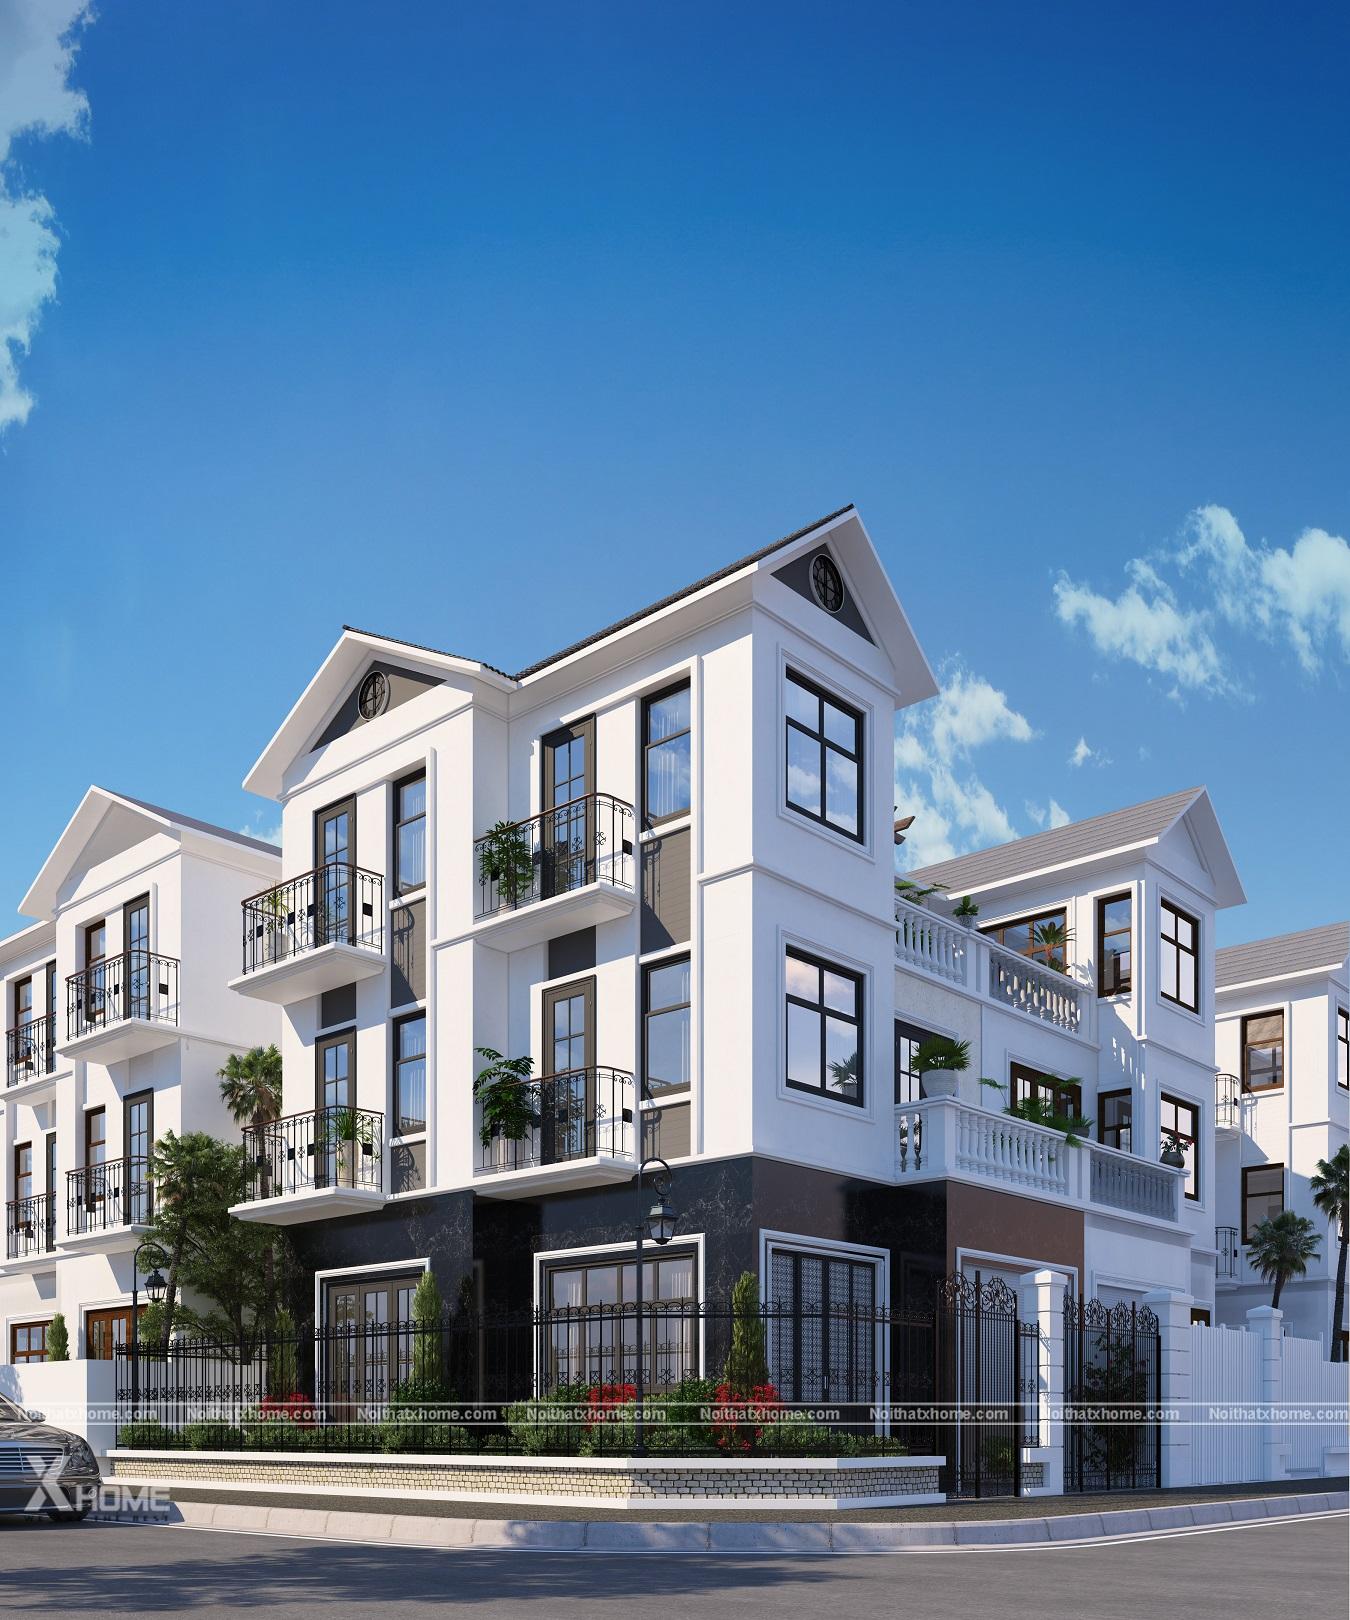 Biệt thự phố 3 tầng – Full bản vẽ thiết kế biệt thự 100m2 chỉ với 800 triệu